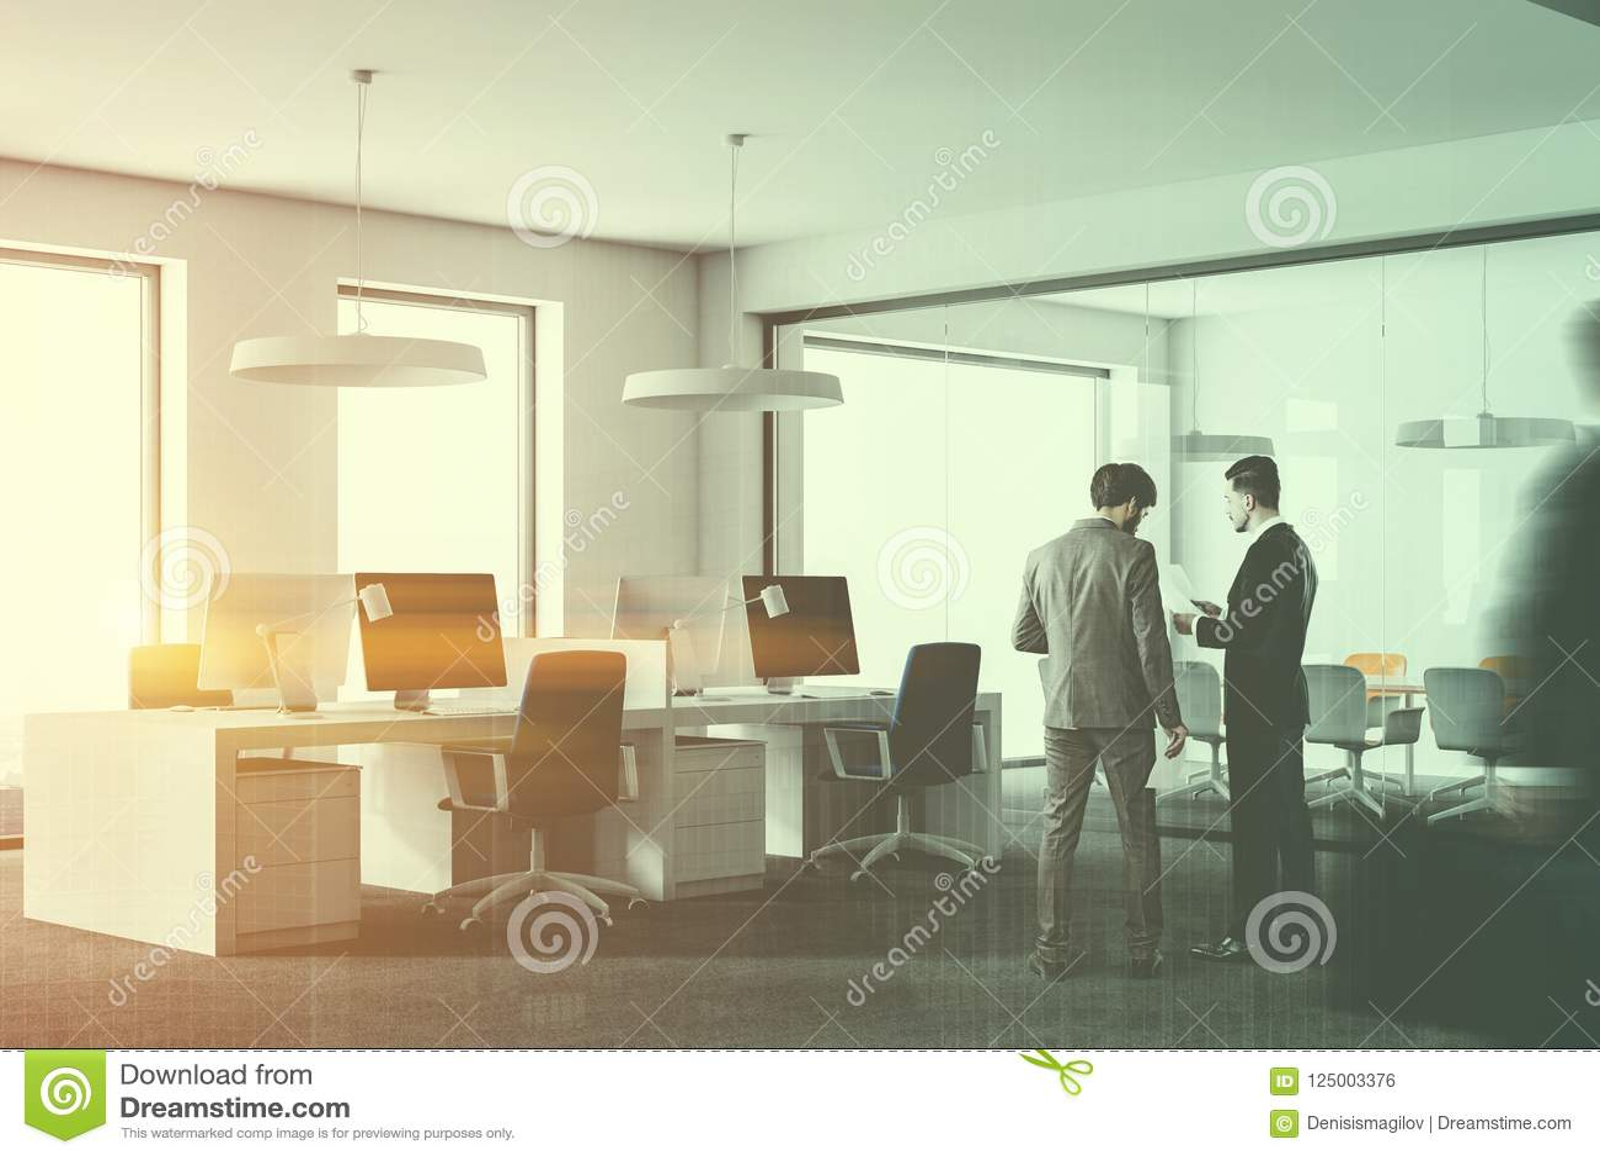 白色顶楼办公室内部,人们的角落